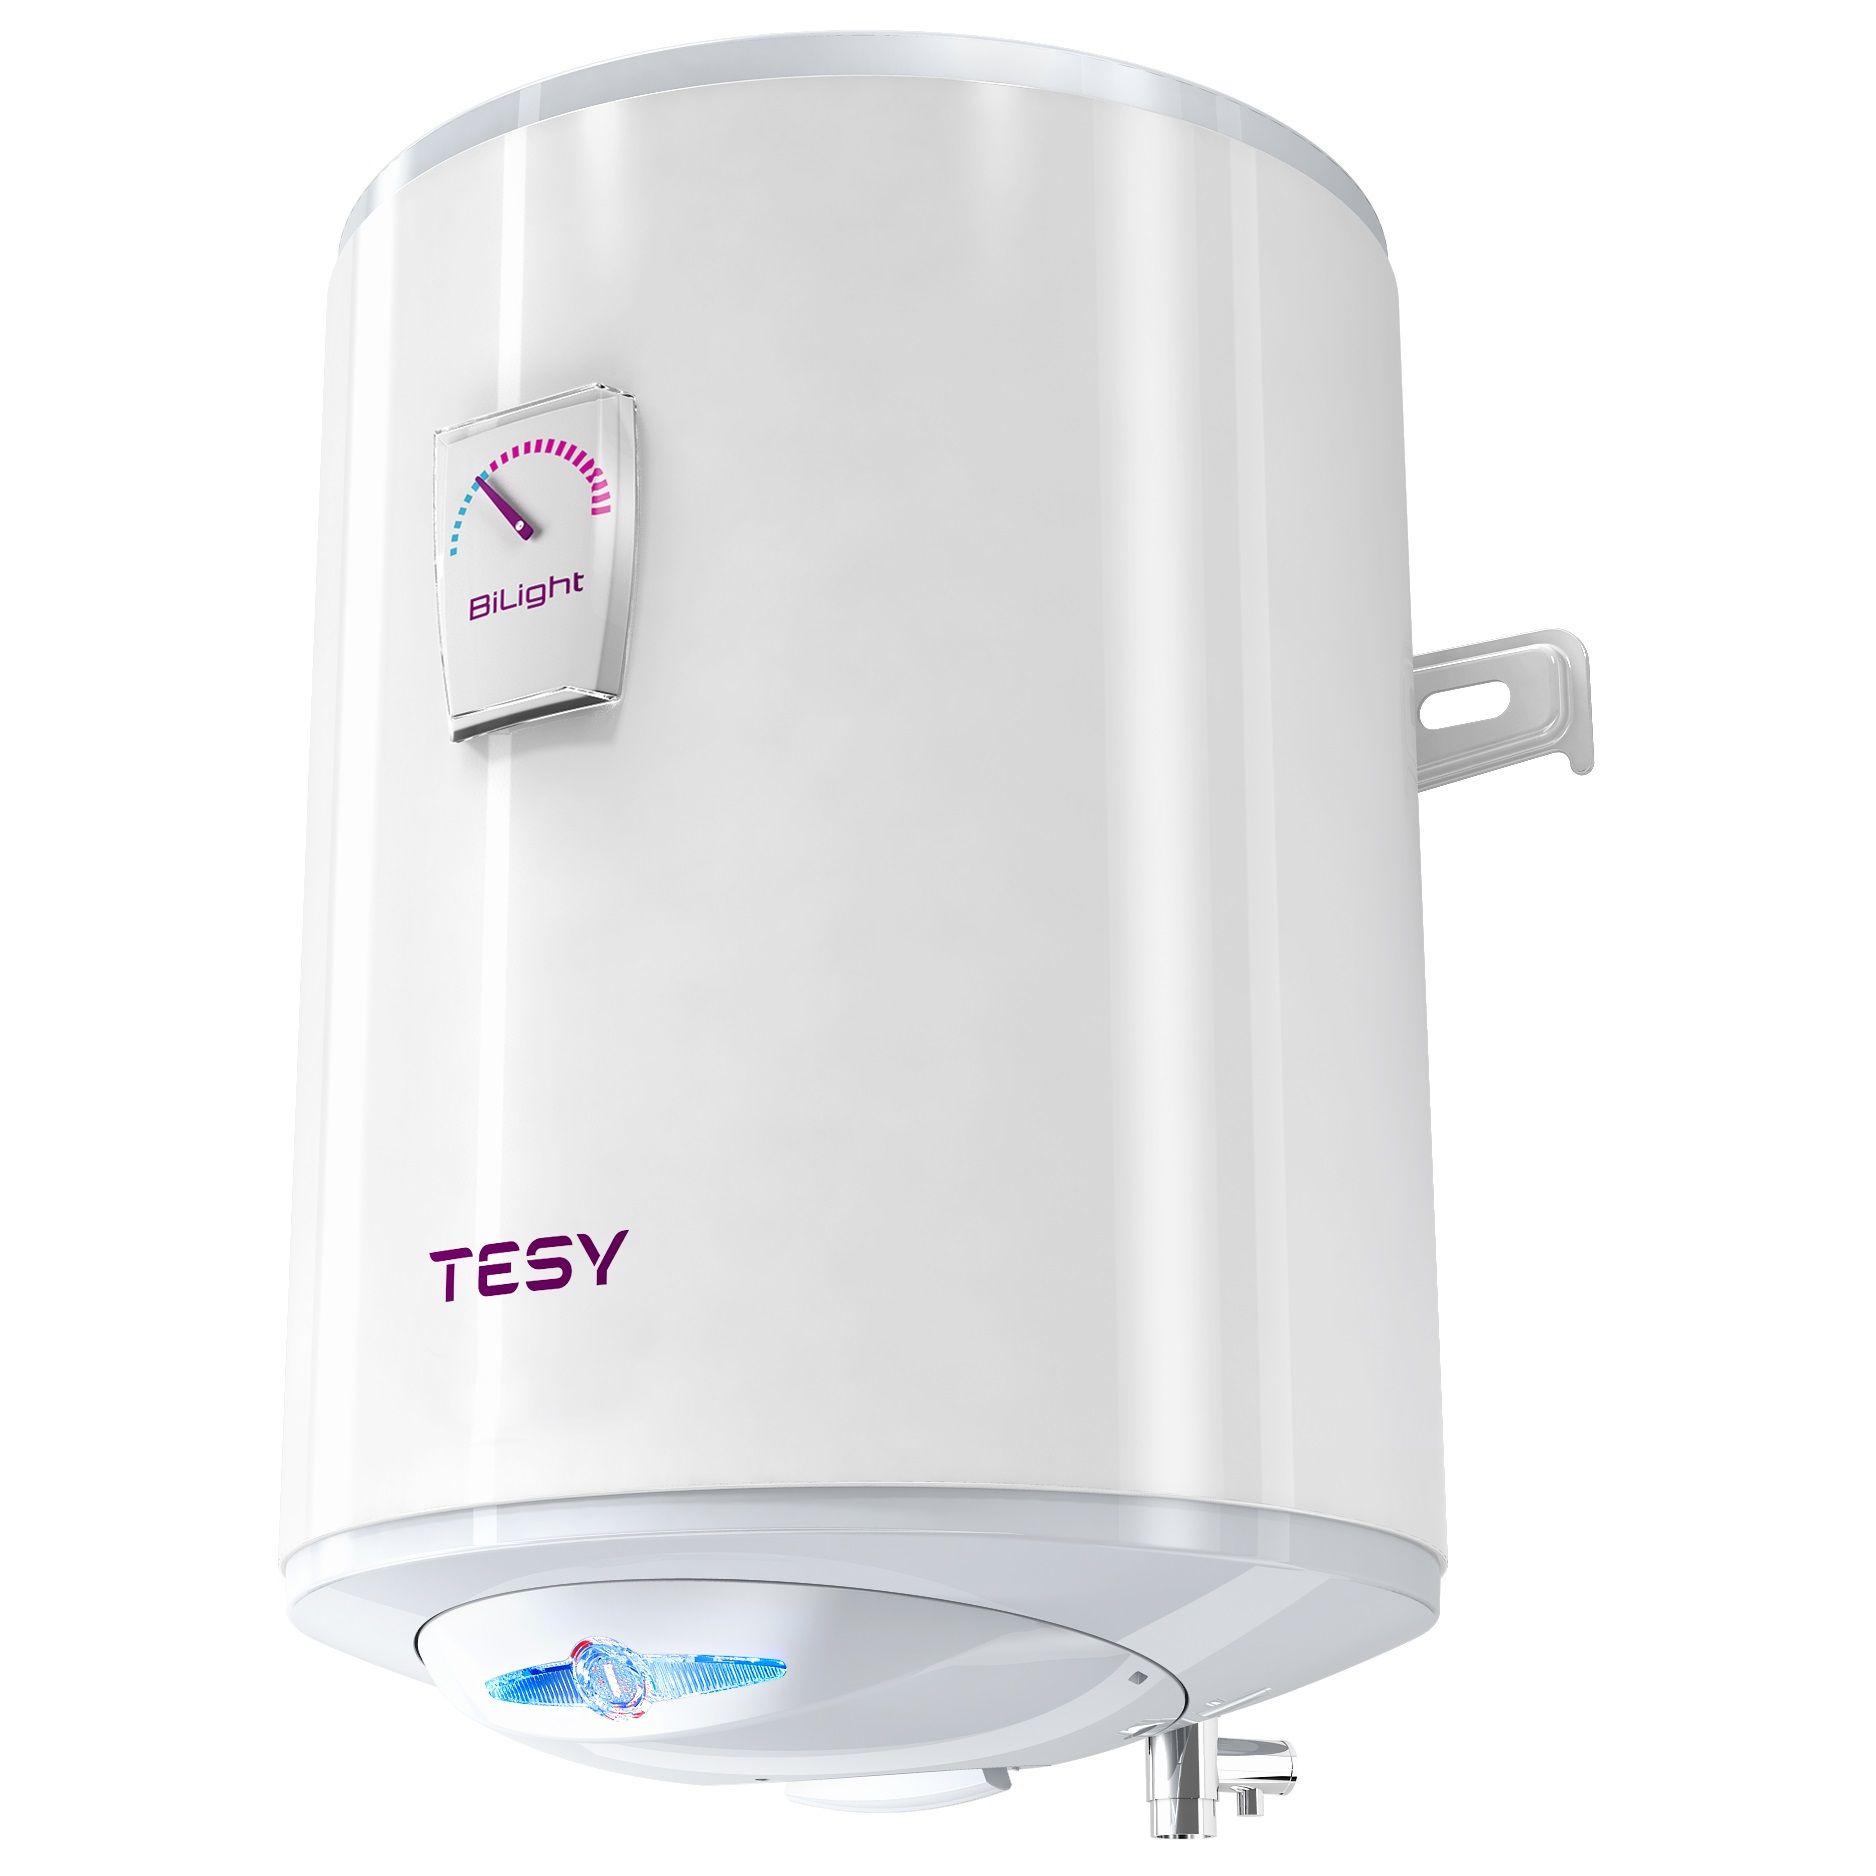 Boiler electric Tesy BiLight GCV303512B11TSR, 1200 W, 30 l, 0.8 Mpa, 18 mm, Protectie anti-inghet imagine fornello.ro